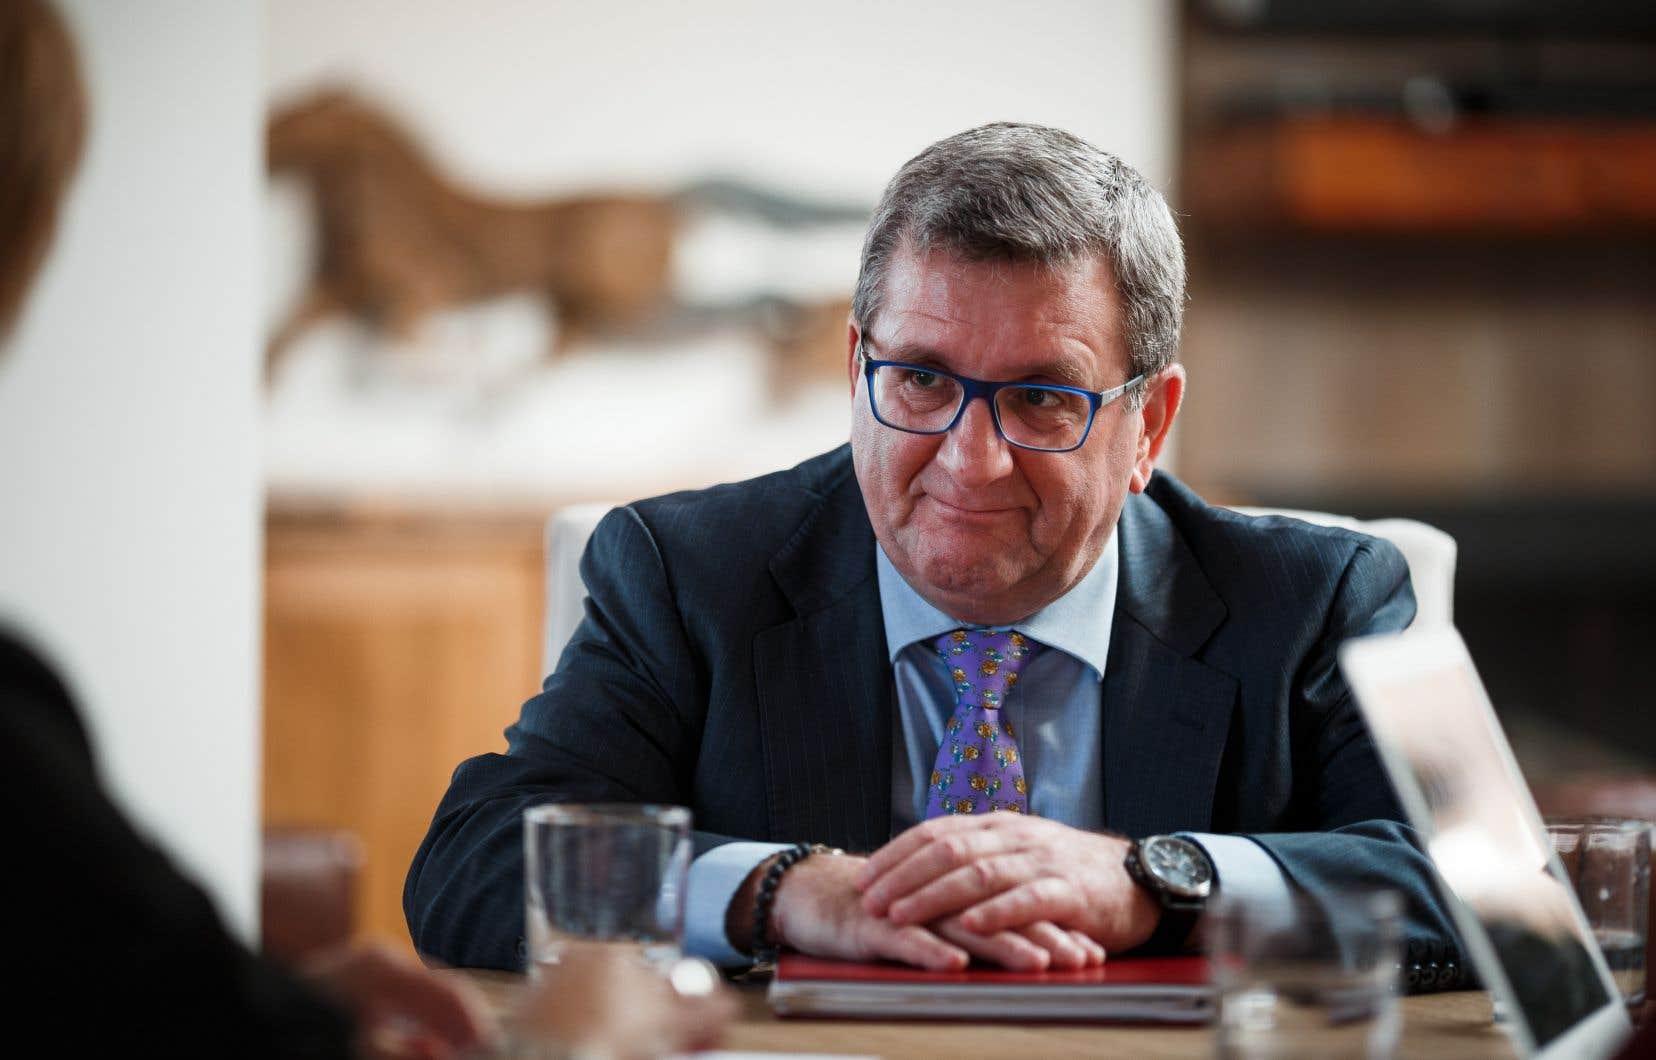 Québec aurait besoin de 5300 travailleurs qualifiés de plus, notamment dans le domaine des hautes technologies et dans le secteur manufacturier, souligne le maire Régis Labeaume.